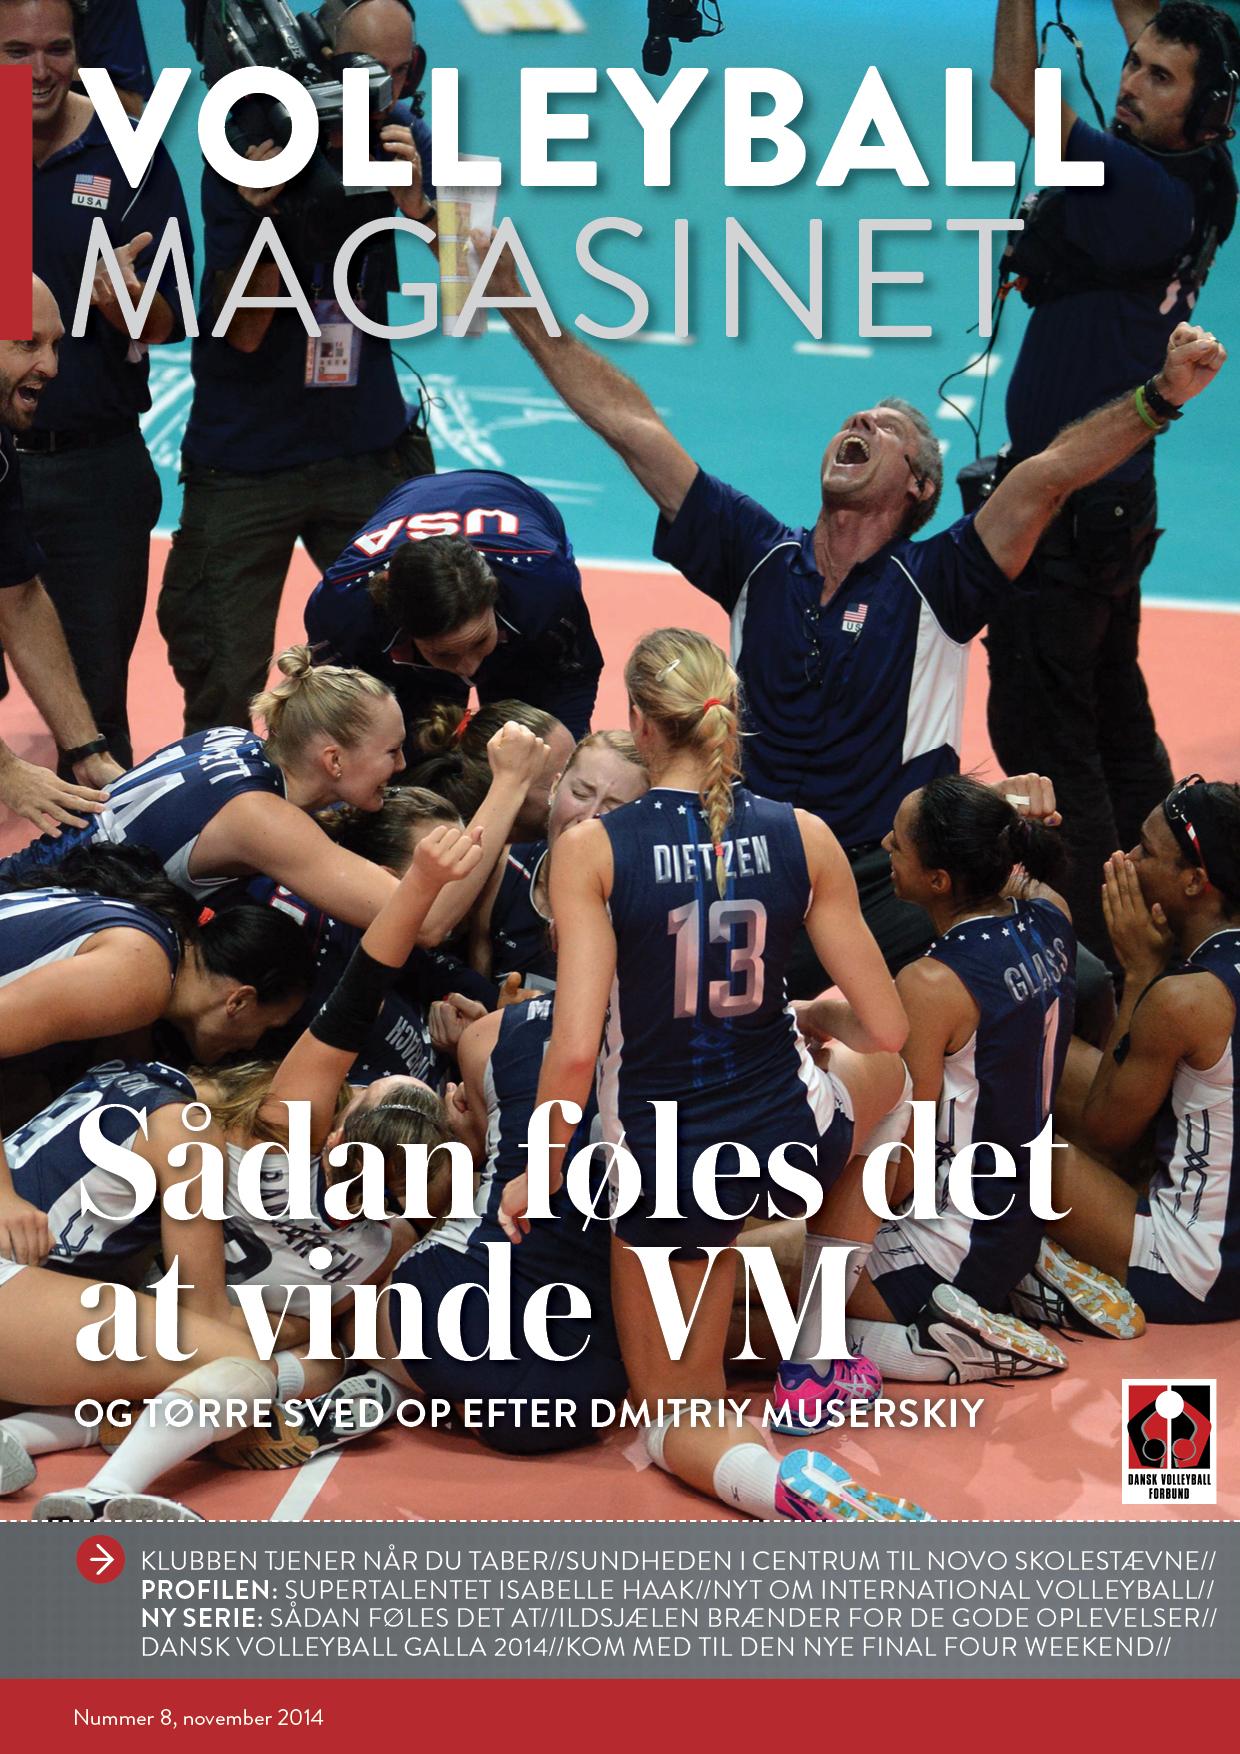 November-nummeret af Volleyball Magasinet har masser af følelser.